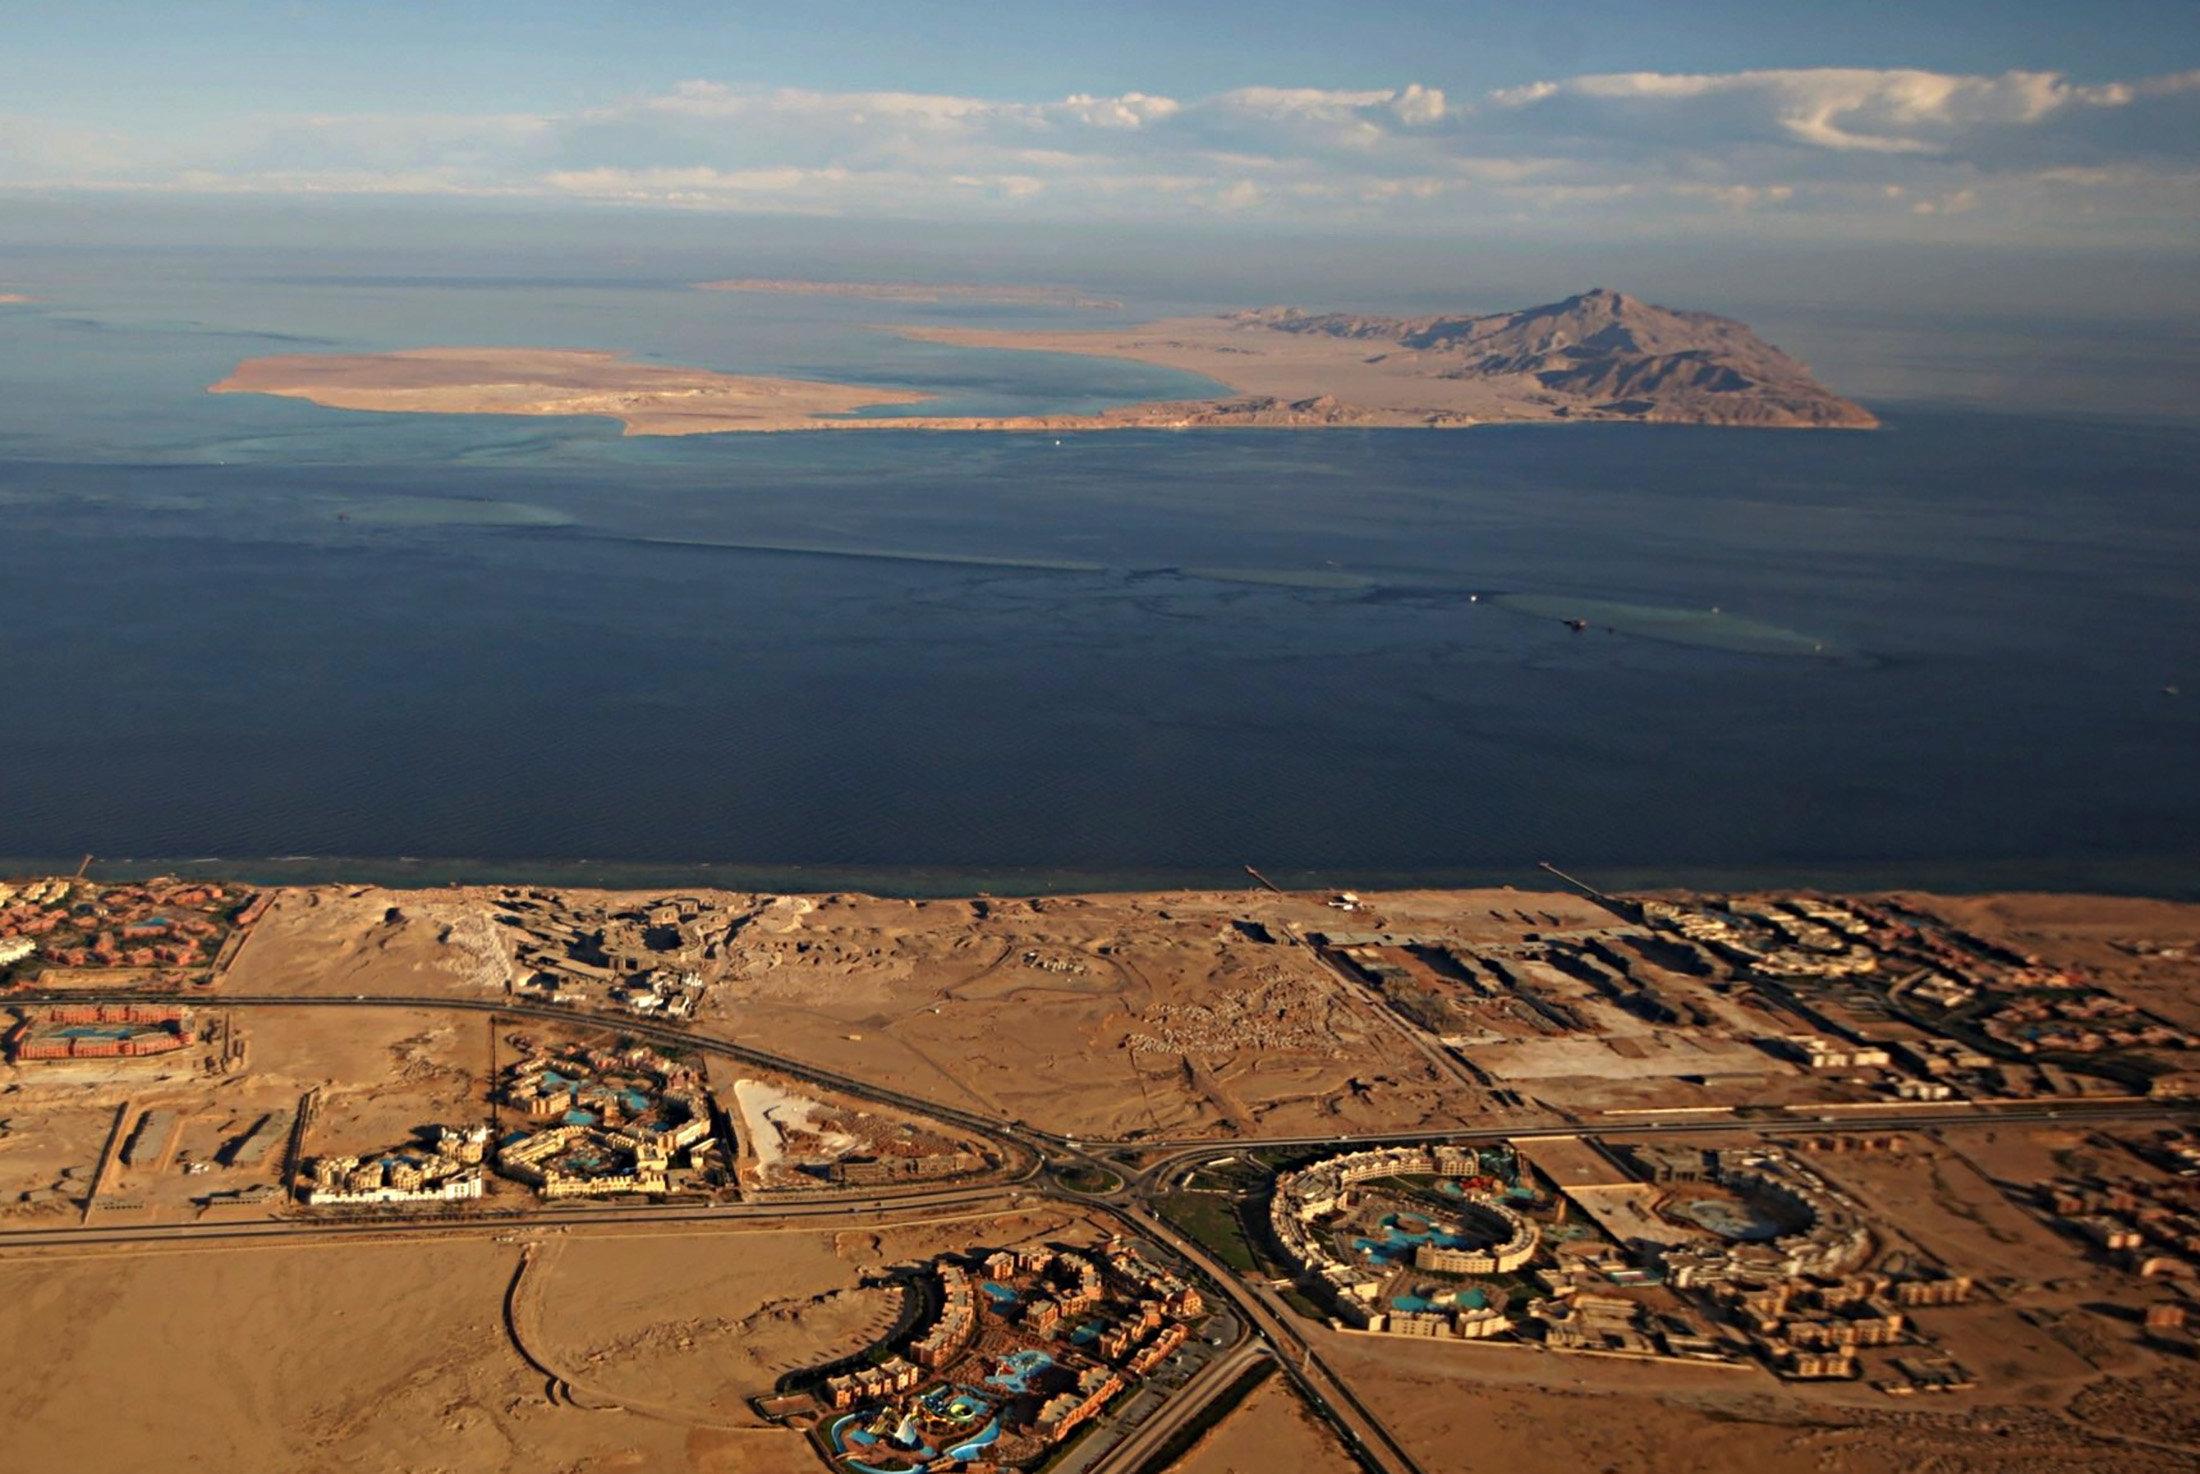 Саудовская Аравия купила Египет и хочет установить свой контроль над Красным морем